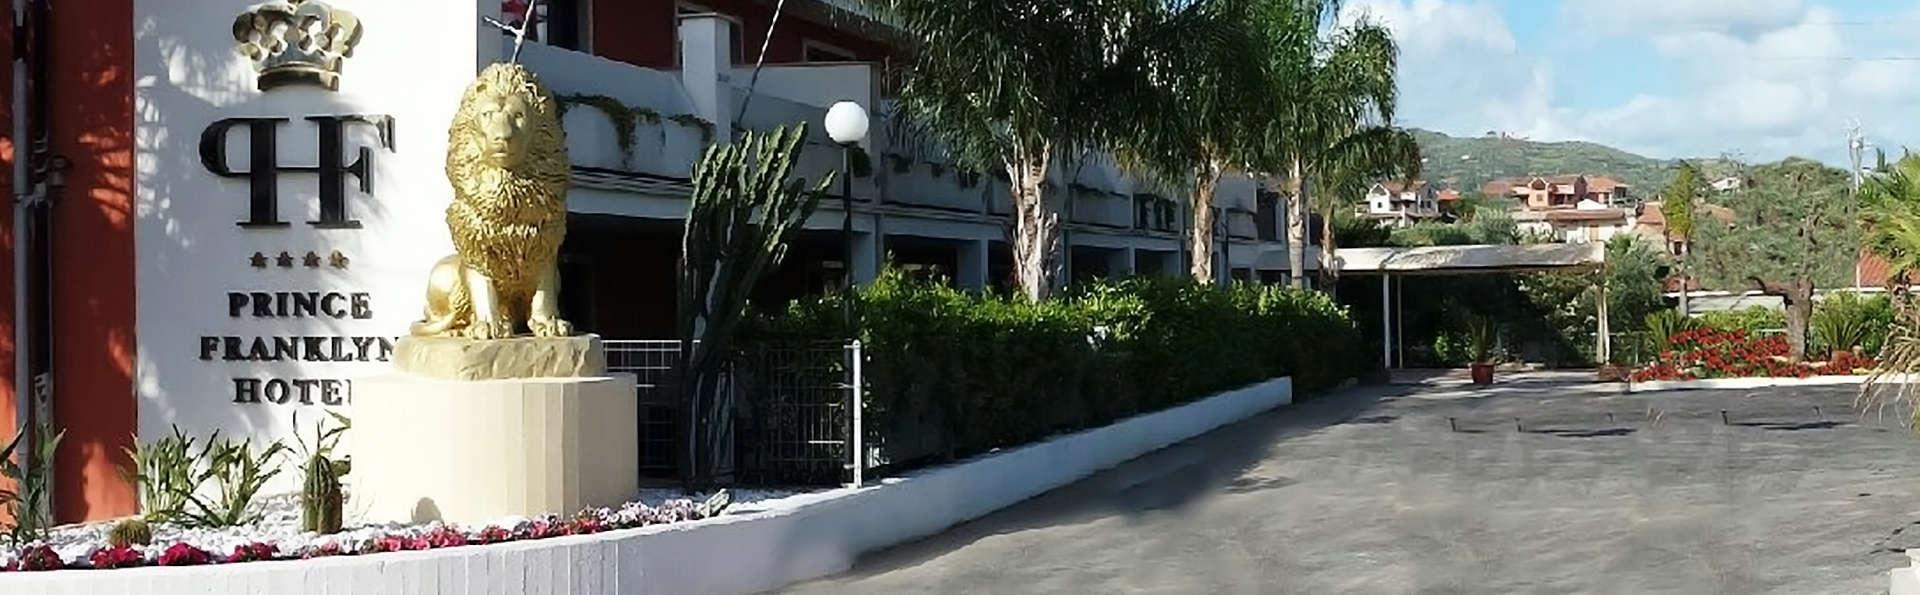 Hotel Prince Franklyn - edit_facade.jpg